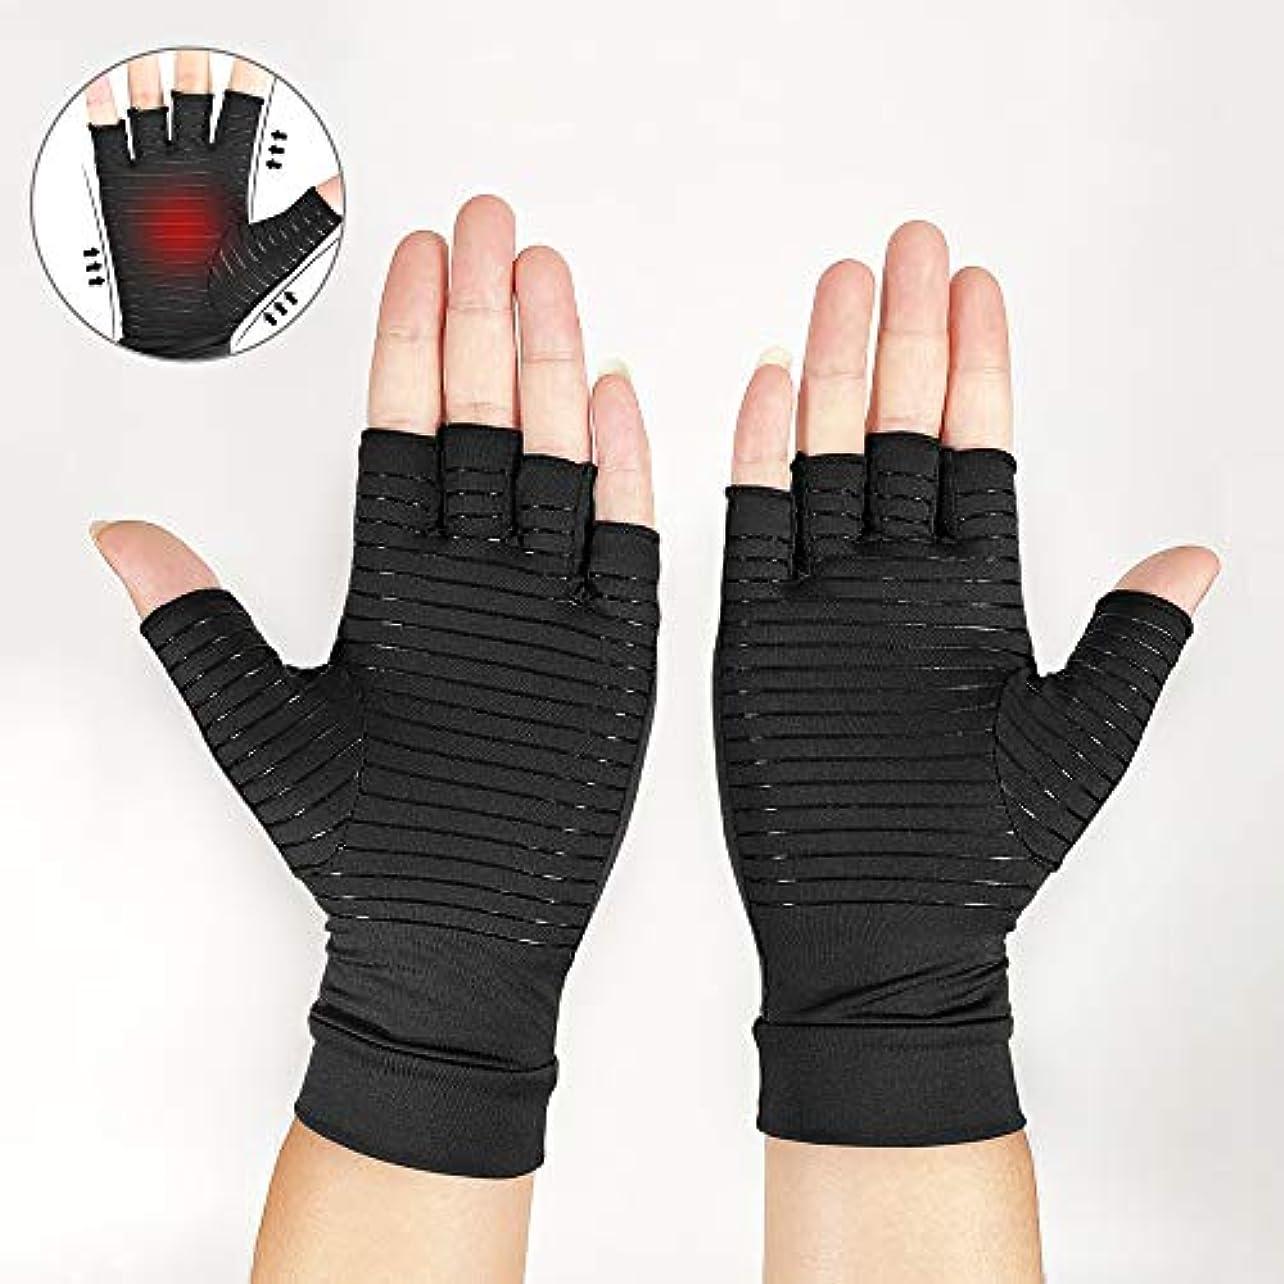 寄付不安定登場銅圧縮関節炎手袋、圧縮関節炎グローブ 手根管、コンピューター入力、および毎日の関節炎の痛みの軽減のサポート(2個)